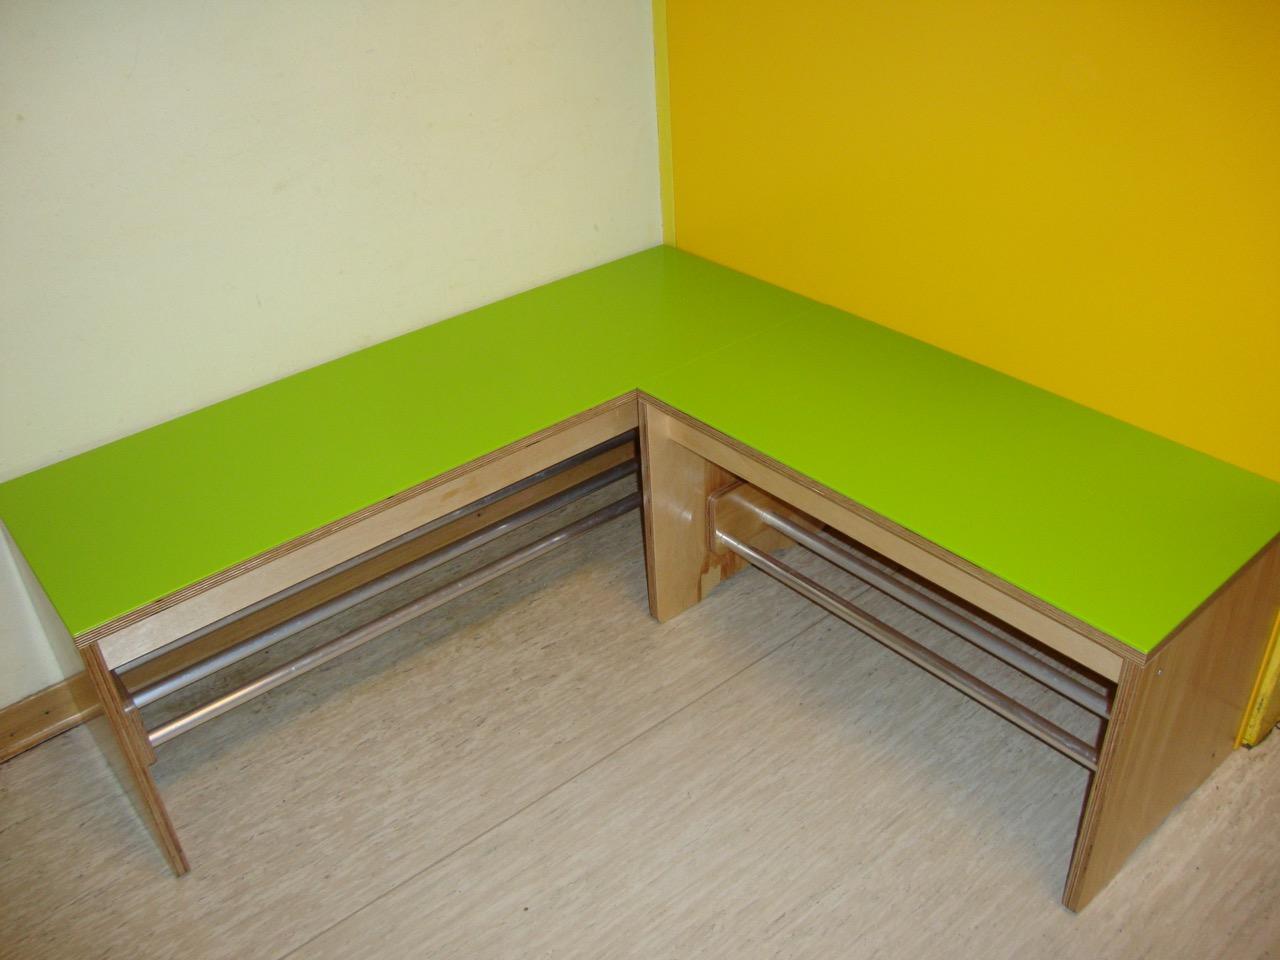 tischler tischlerei holzwerkstatt helmeke tischler und m belbau in hamburg harburg. Black Bedroom Furniture Sets. Home Design Ideas